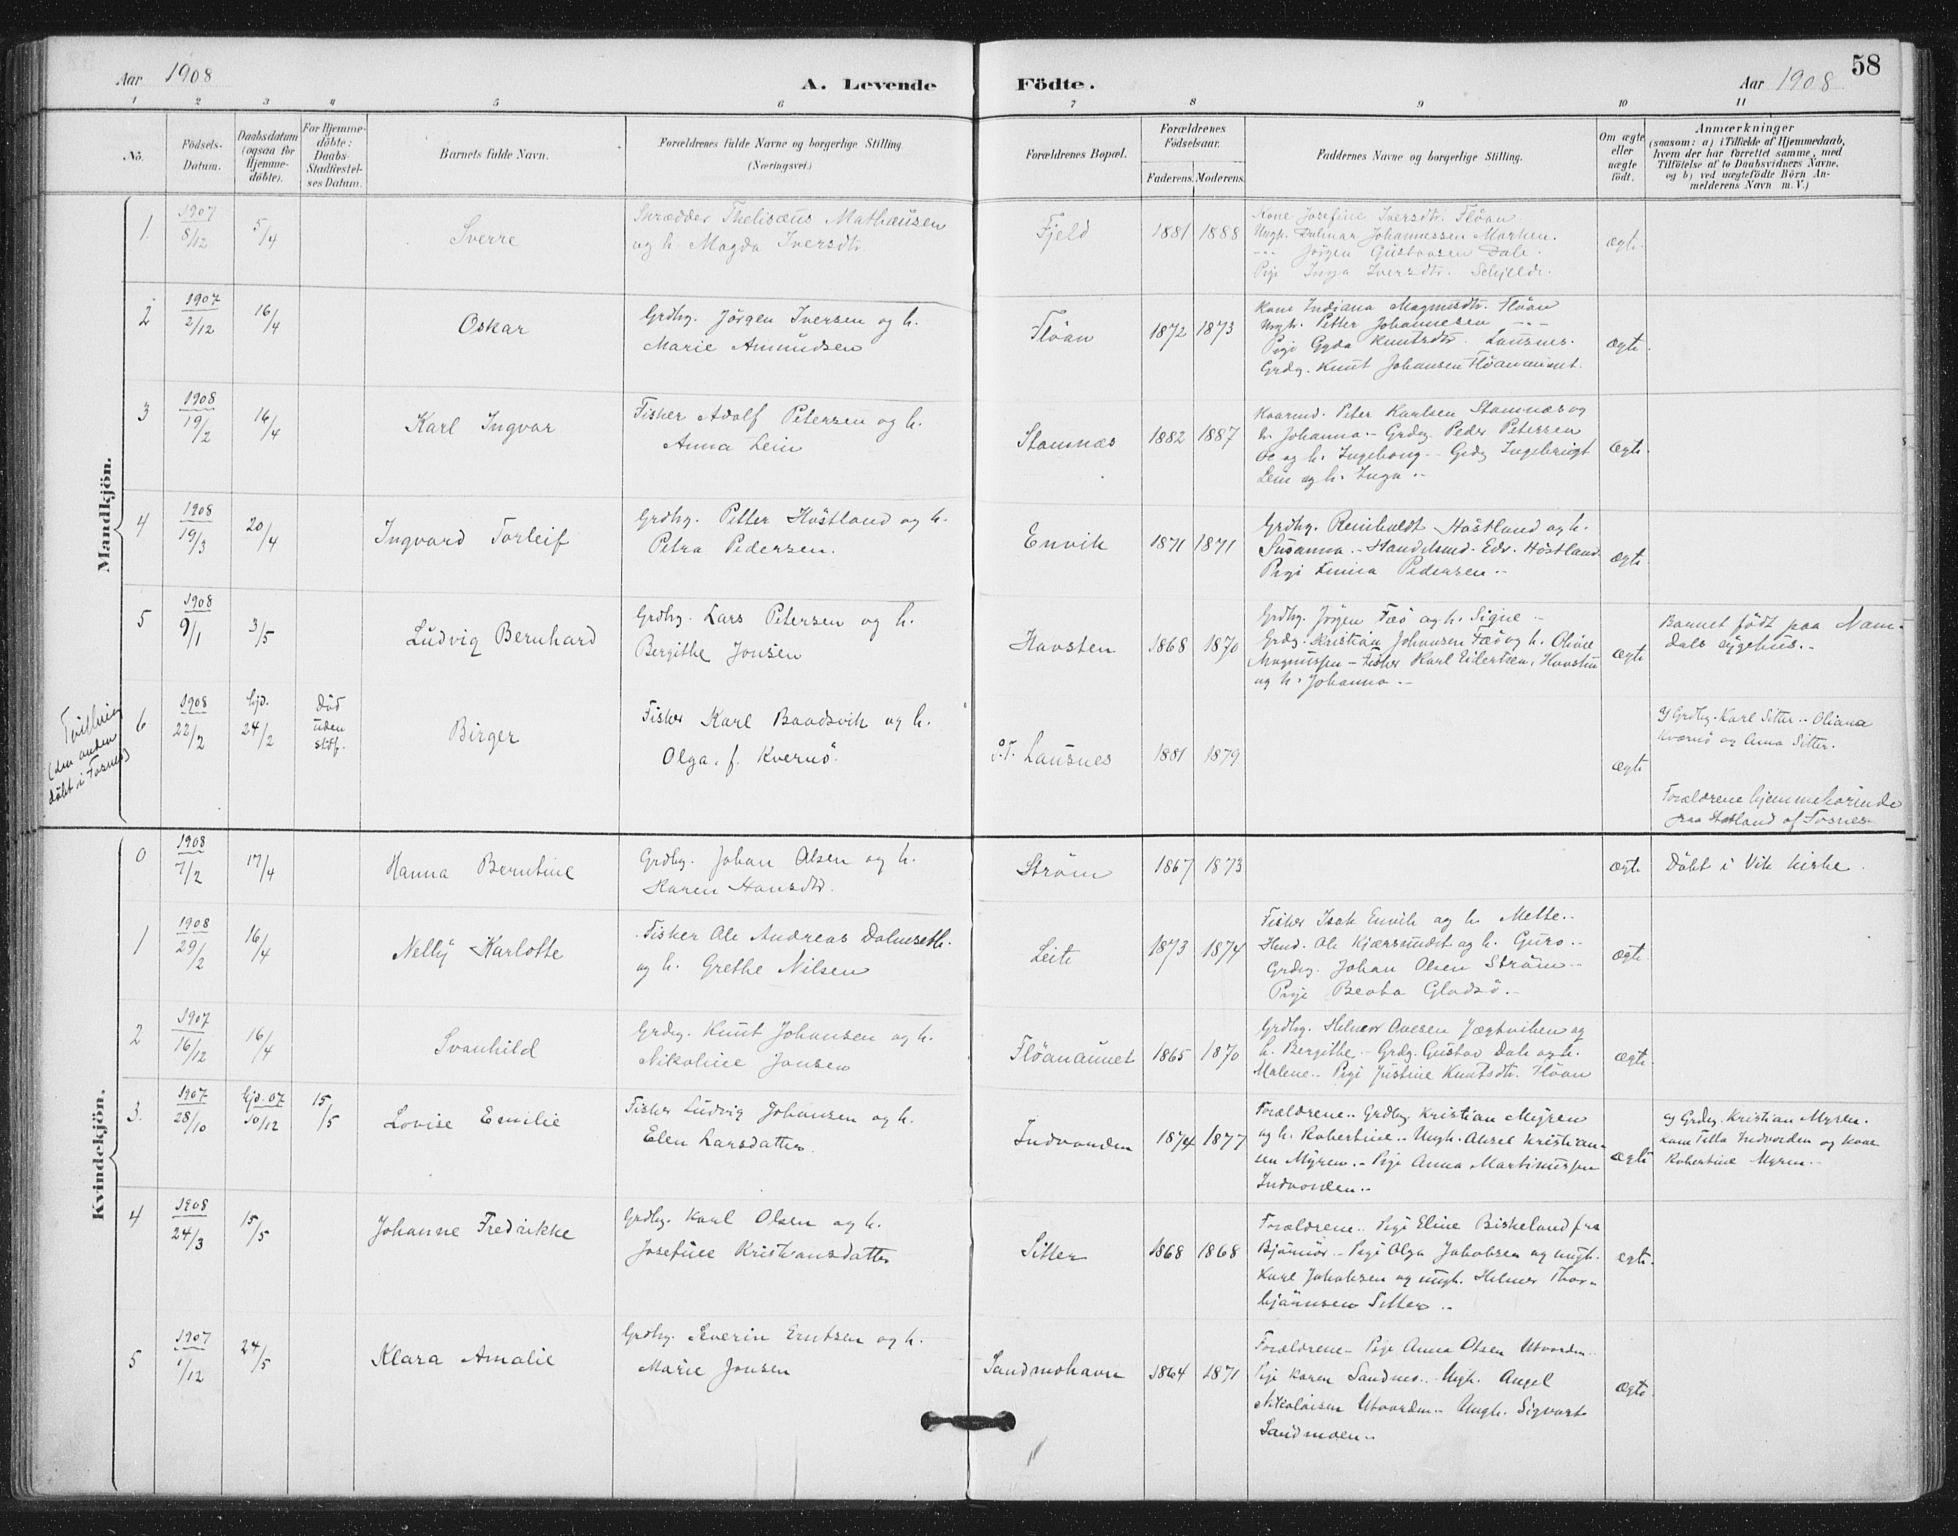 SAT, Ministerialprotokoller, klokkerbøker og fødselsregistre - Nord-Trøndelag, 772/L0603: Ministerialbok nr. 772A01, 1885-1912, s. 58